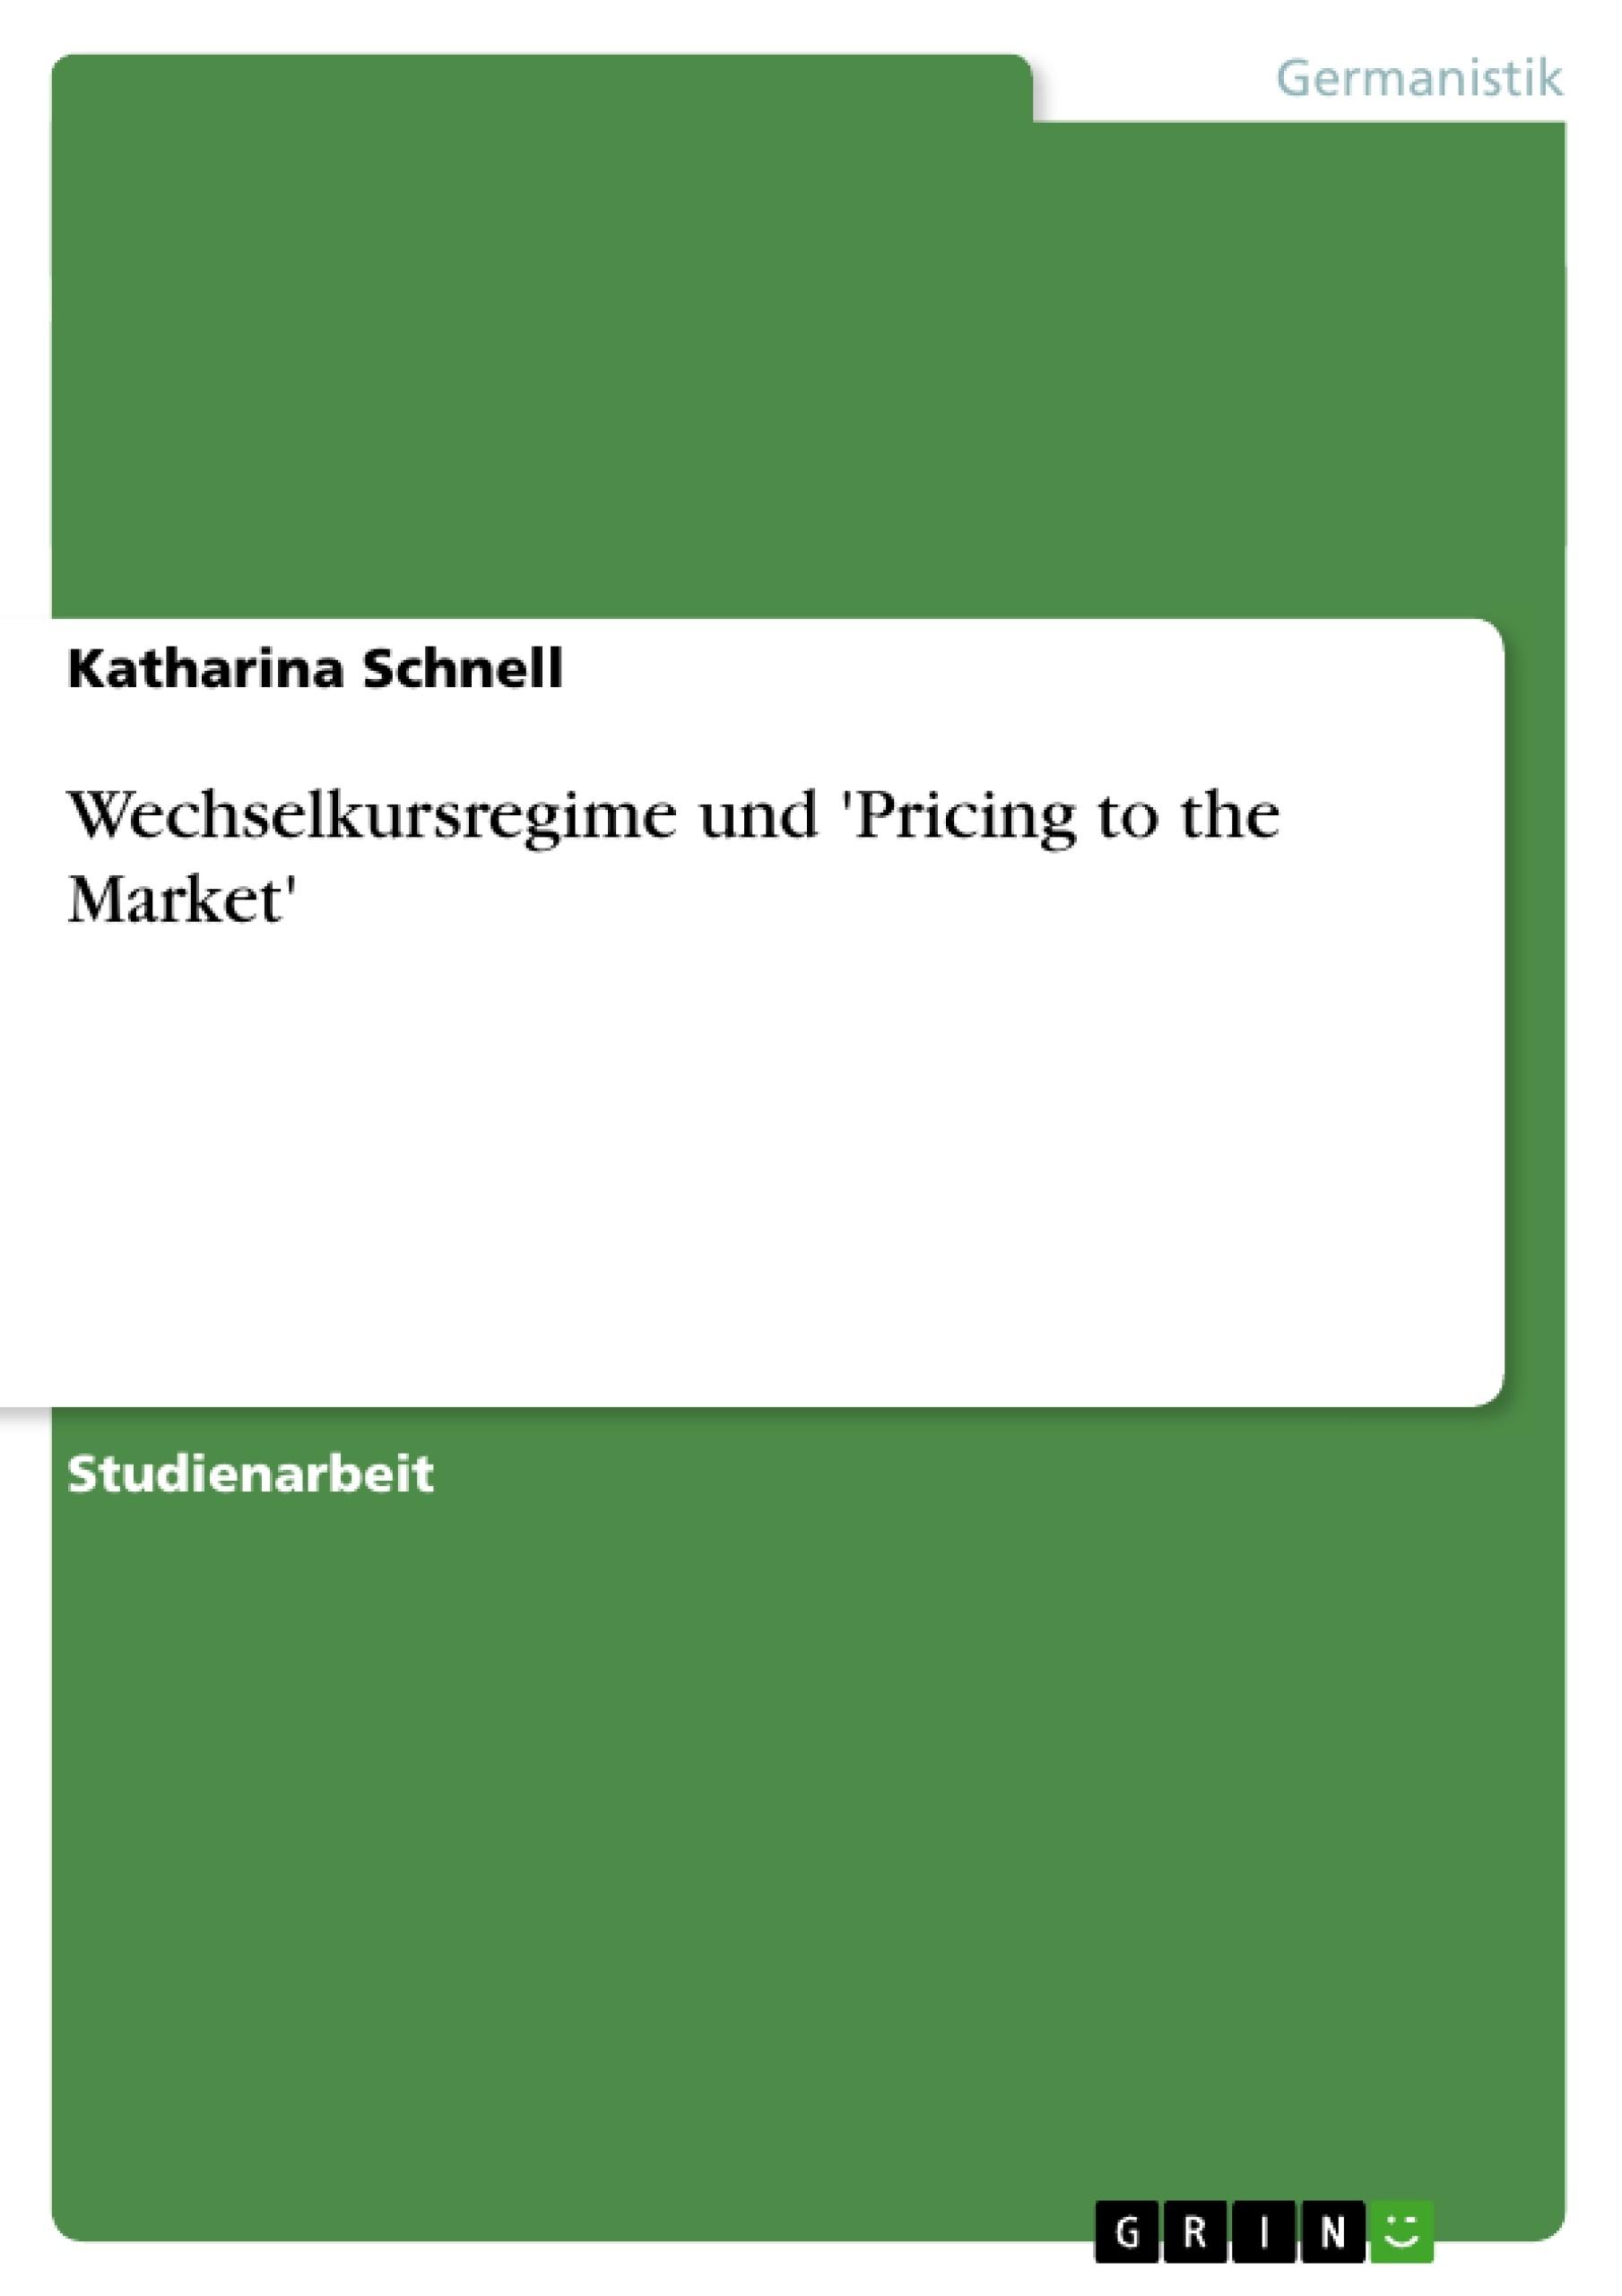 Titel: Wechselkursregime und 'Pricing to the Market'